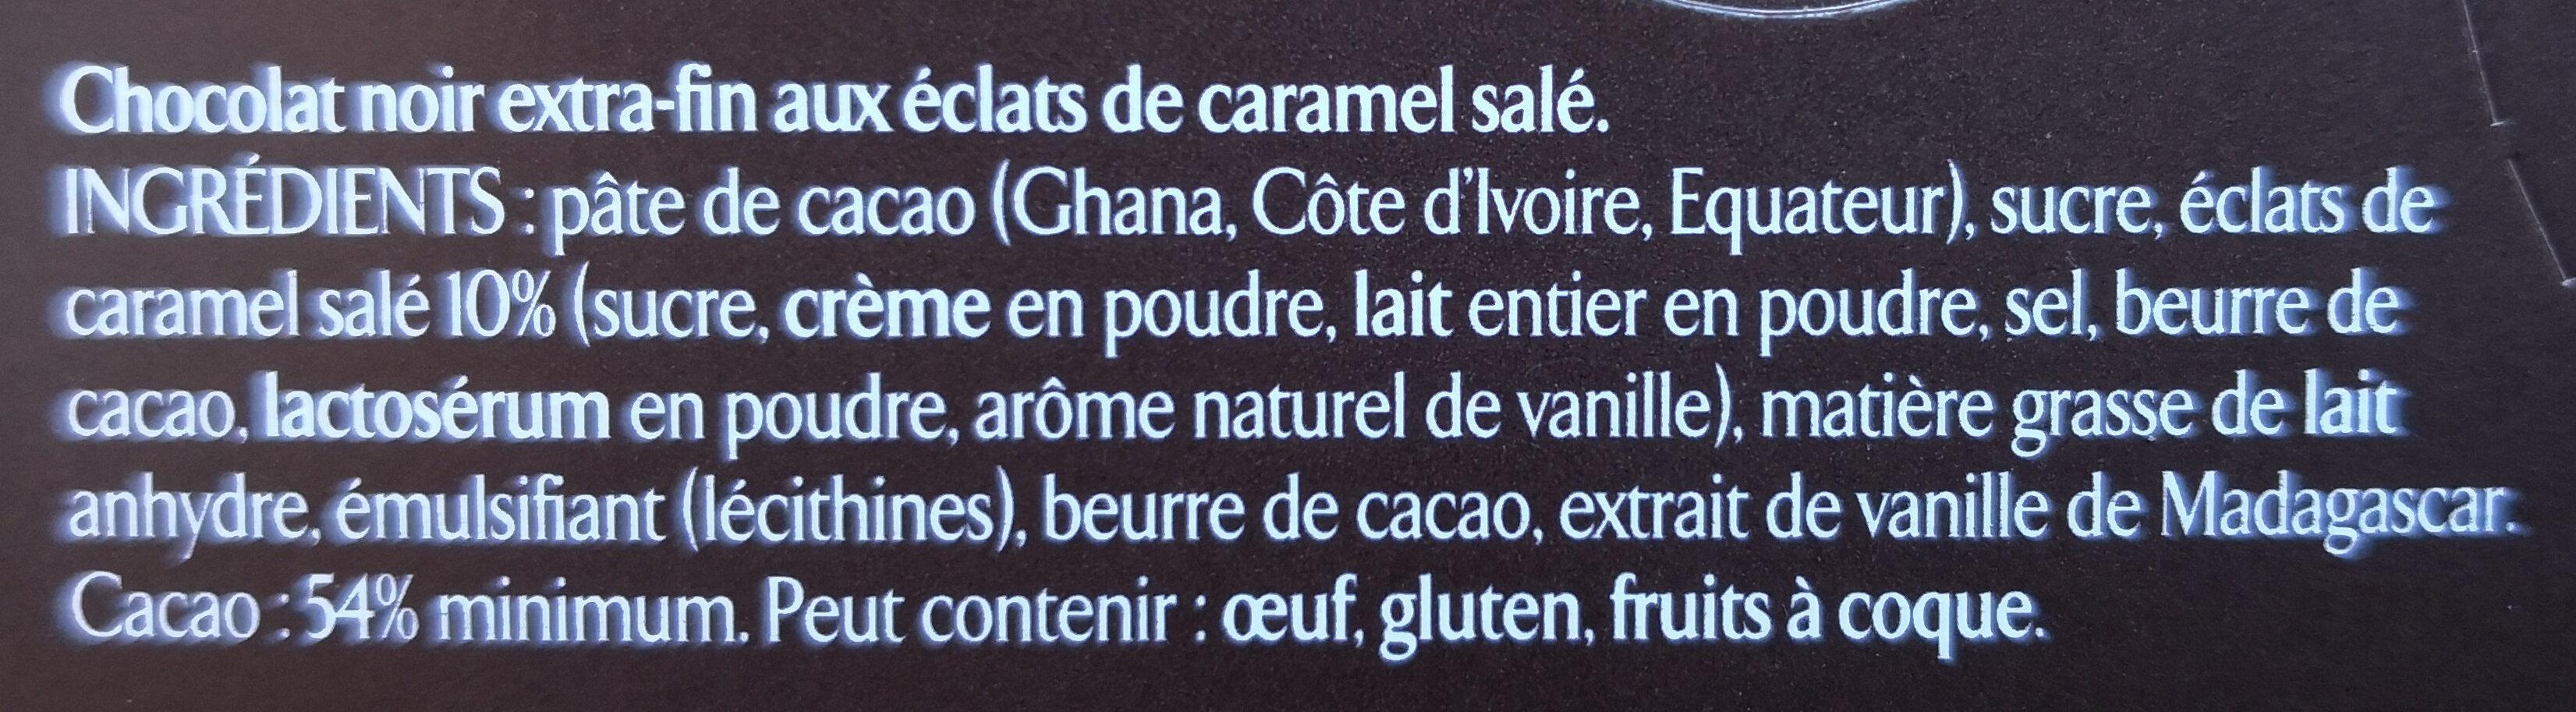 Les recettes de l'atelier Caramel - Ingredients - fr